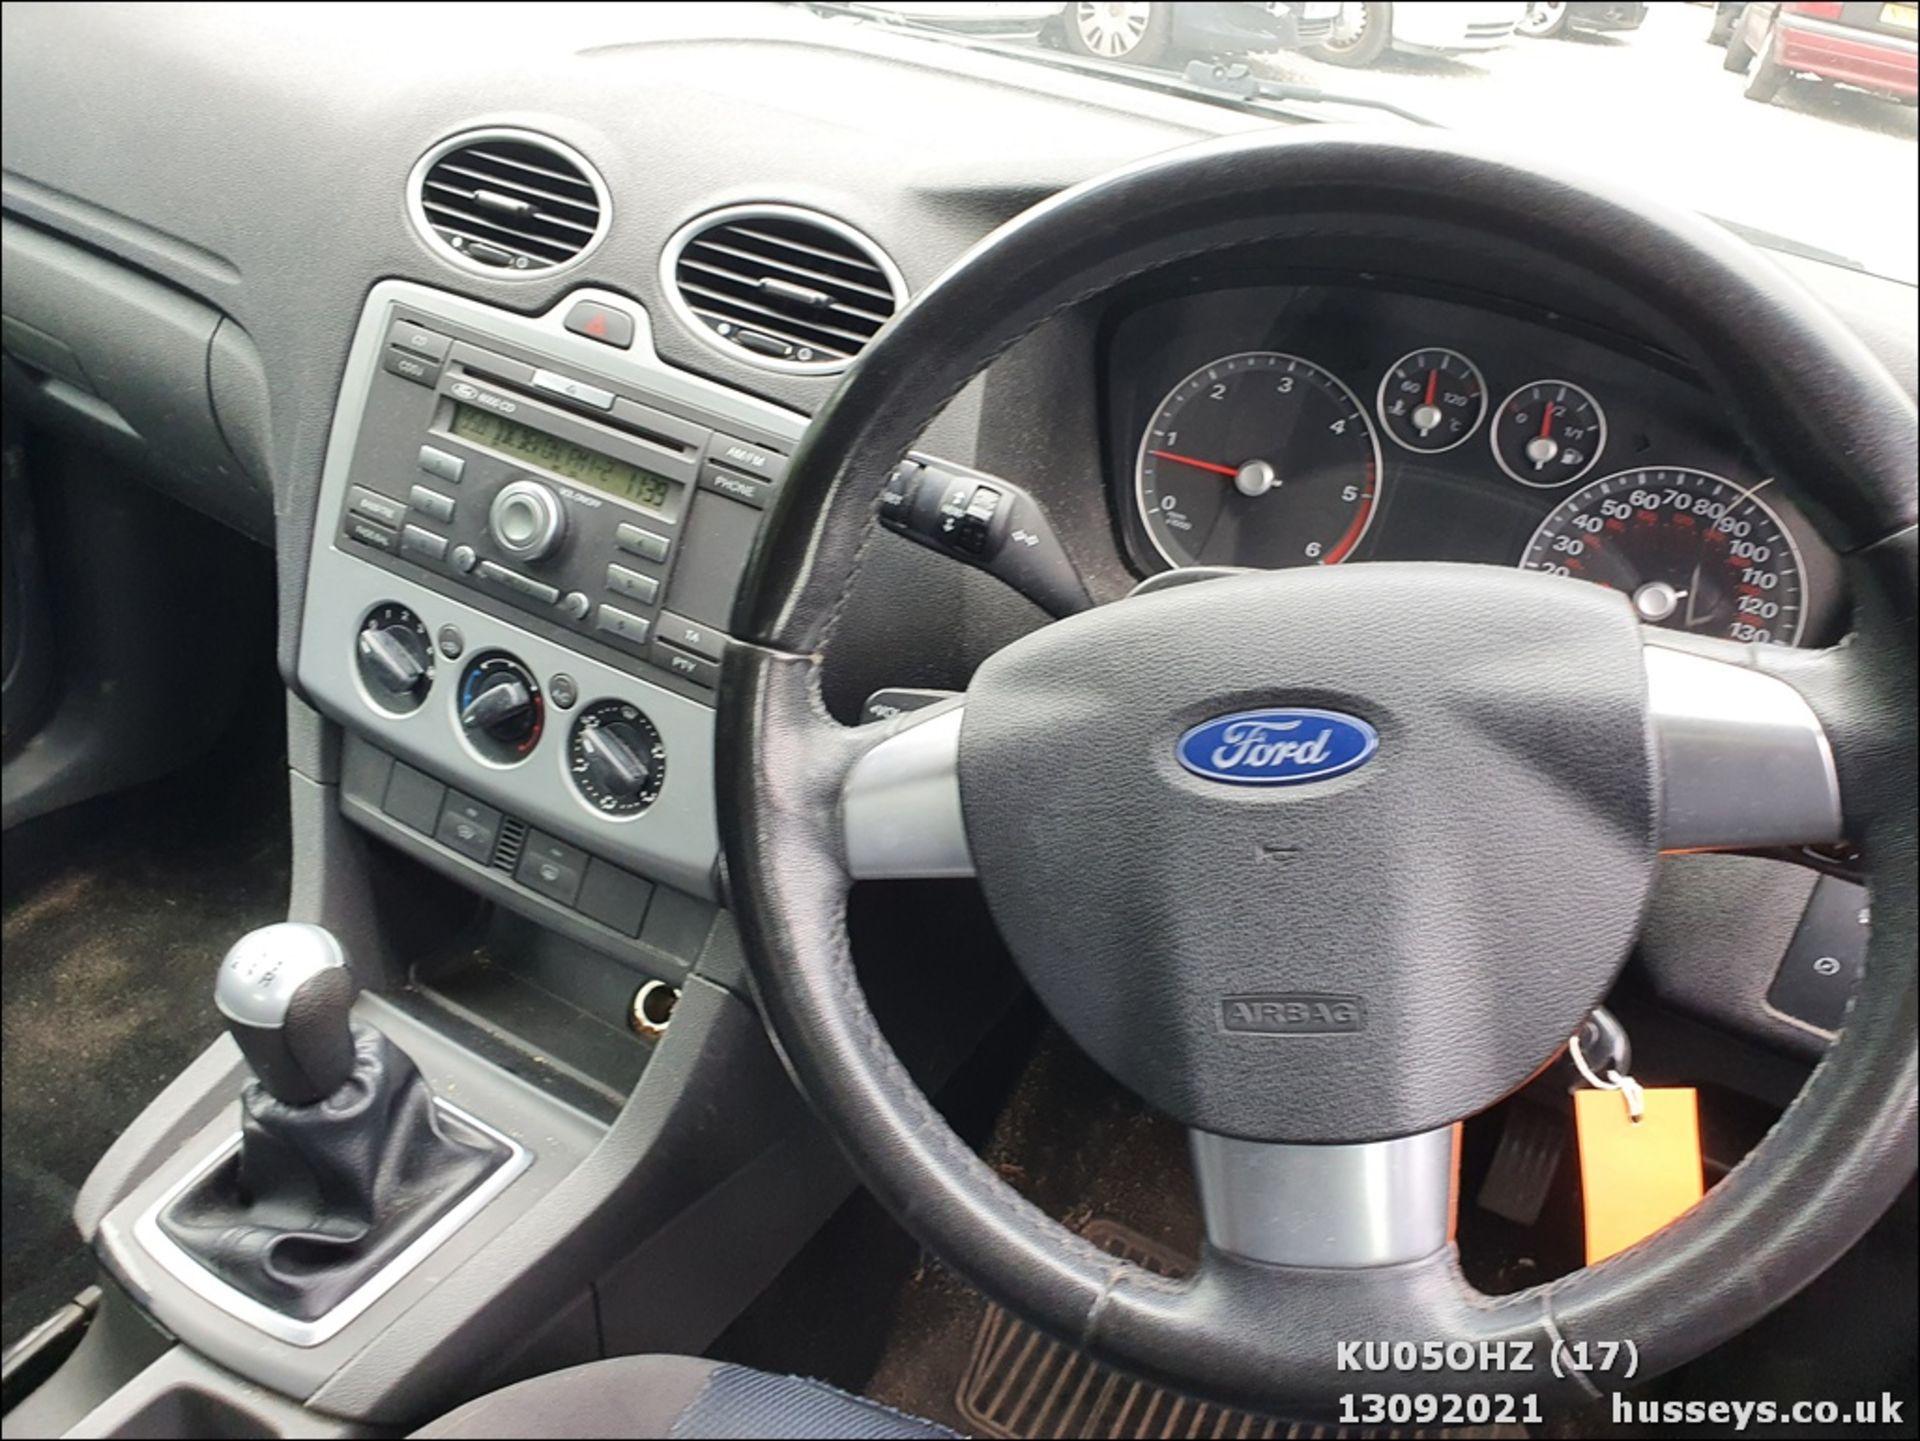 05/05 FORD FOCUS ZETEC CLIMATE TDCI - 1560cc 5dr Hatchback (Silver, 147k) - Image 17 of 18